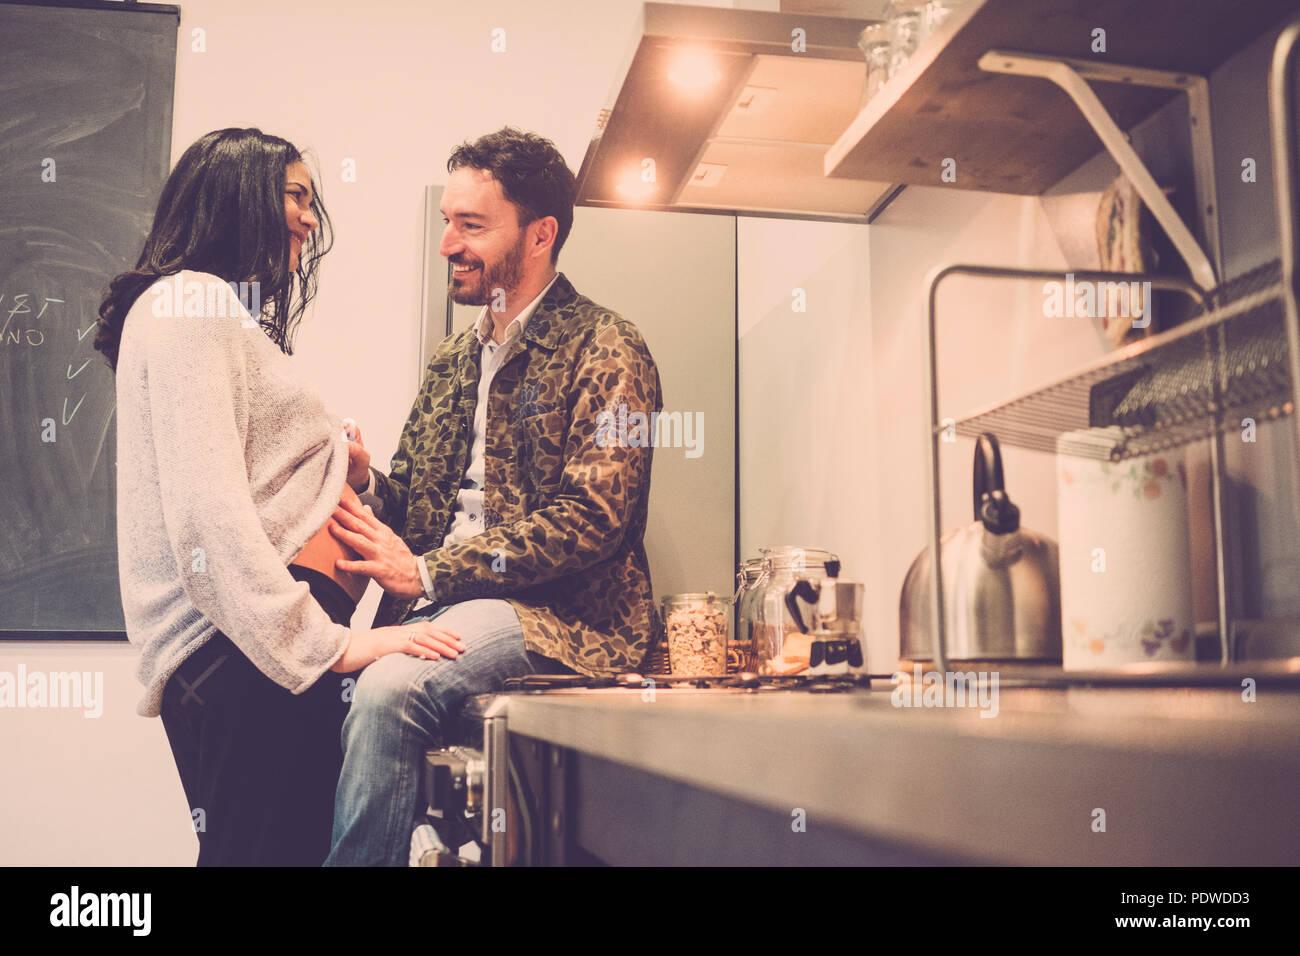 La pareja de un hombre y una mujer caucásica gente alegre sonrisa y divertirse con la embarazada vientre de la srita. sonreír y reír esperando el nuevo trabajo de amor del Hijo . Imagen De Stock